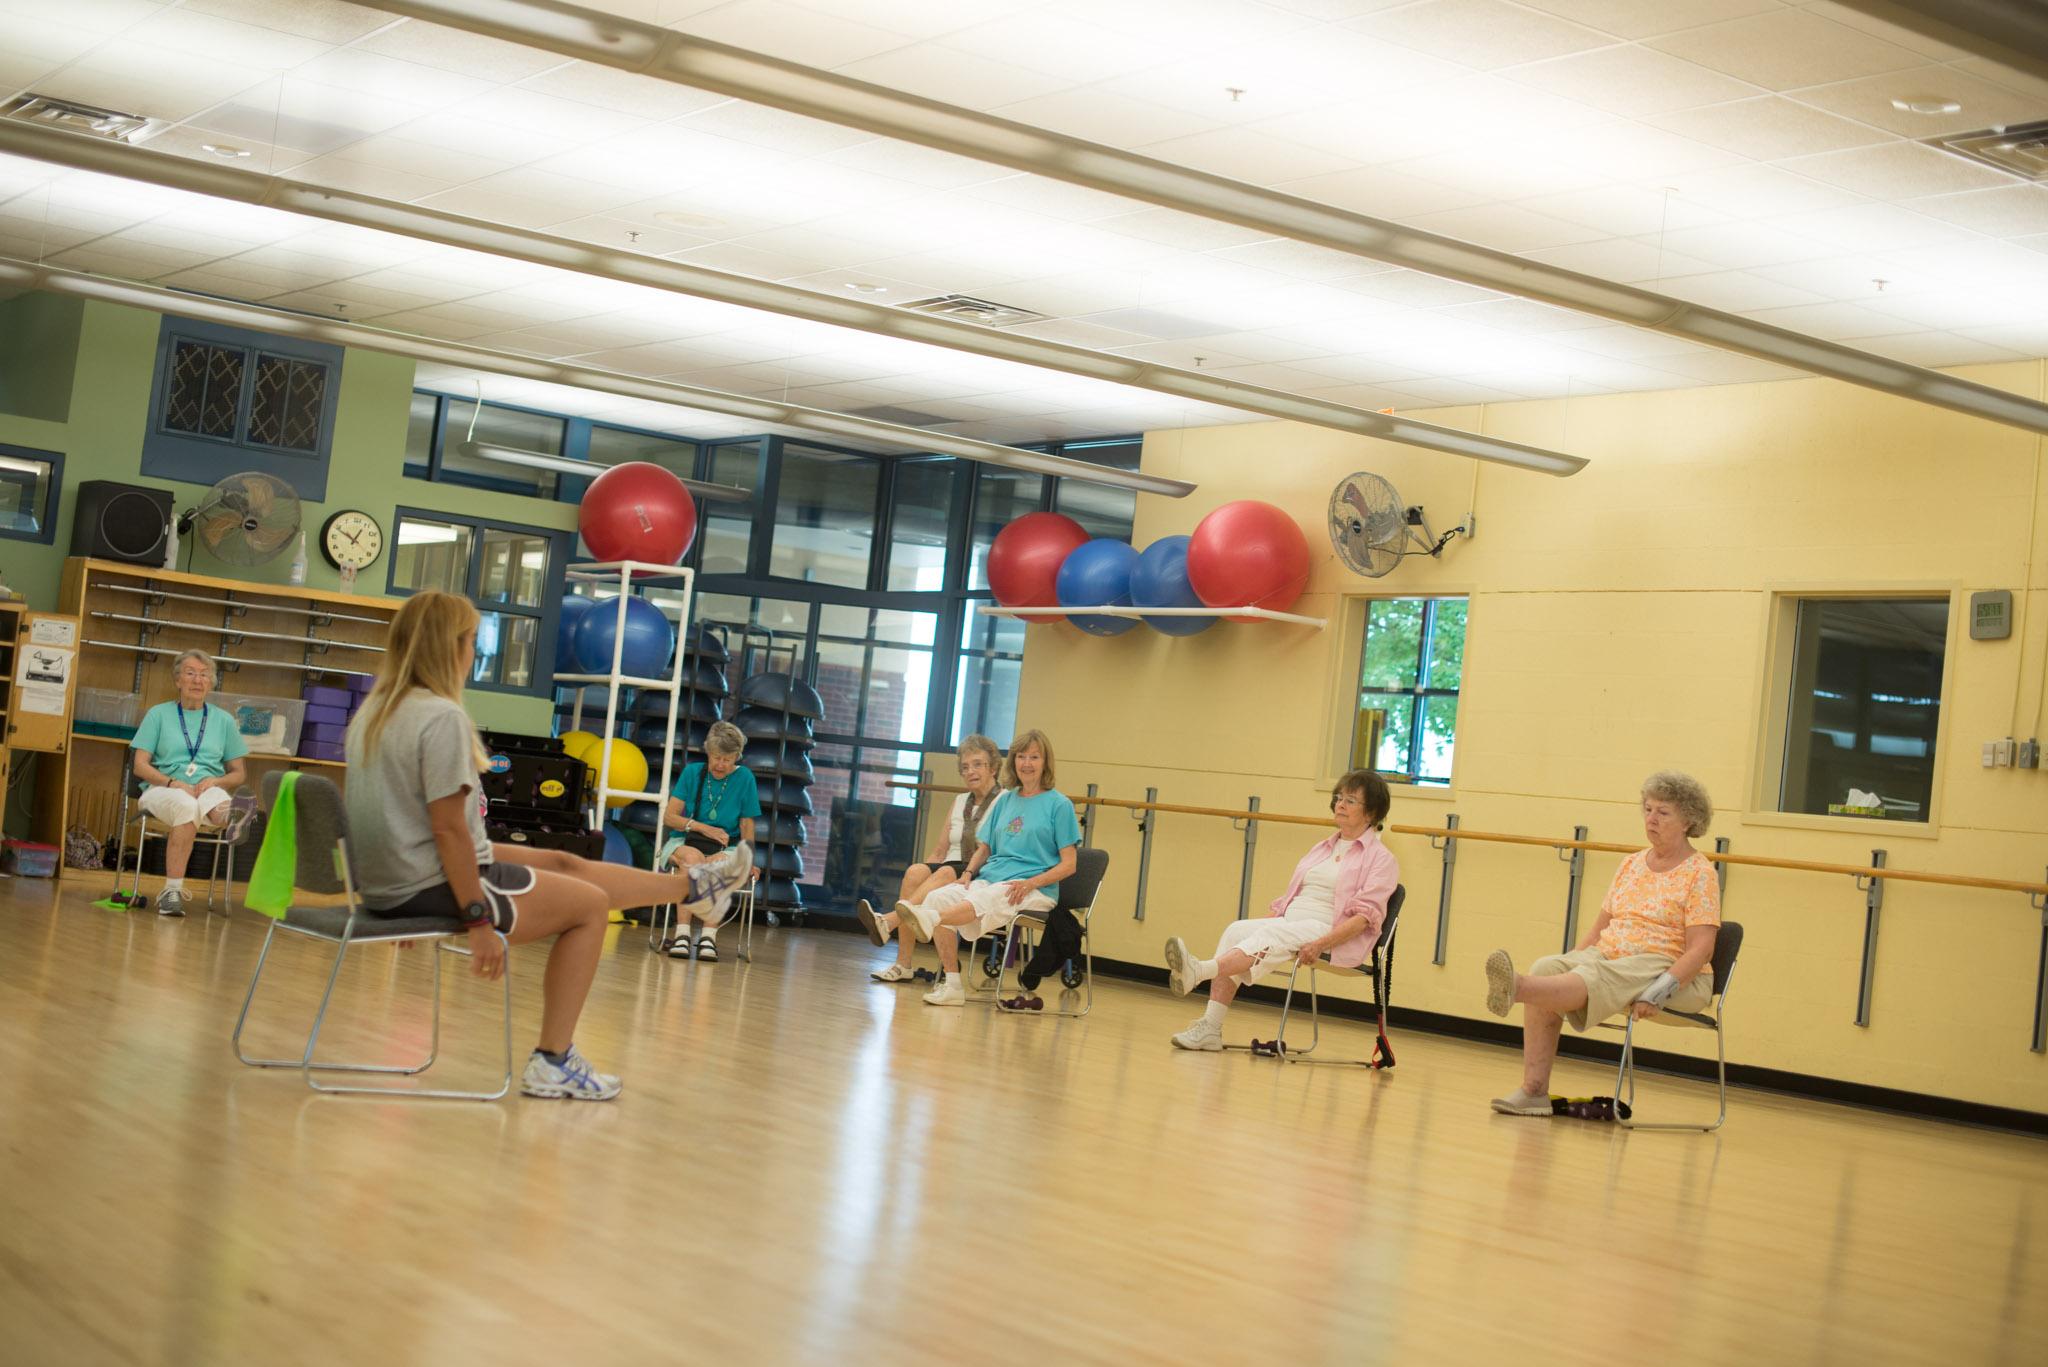 Wellness Center Stock Photos-1025.jpg